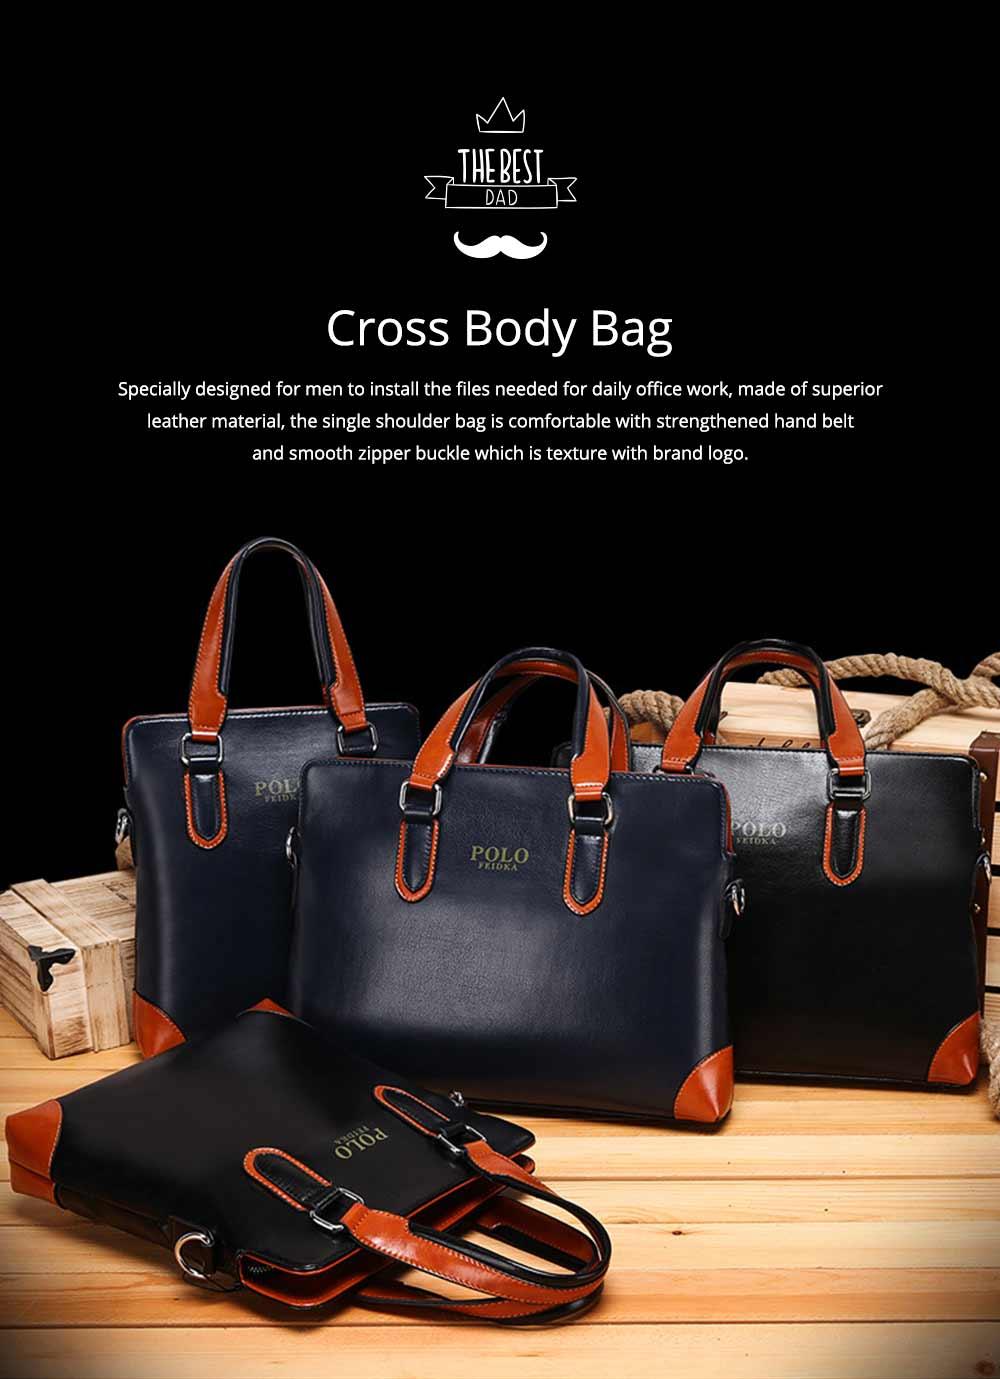 Single Shoulder Bag with Comfortable Hand Belt, PU Leather Large Capacity Inclined Shoulder Bag 0